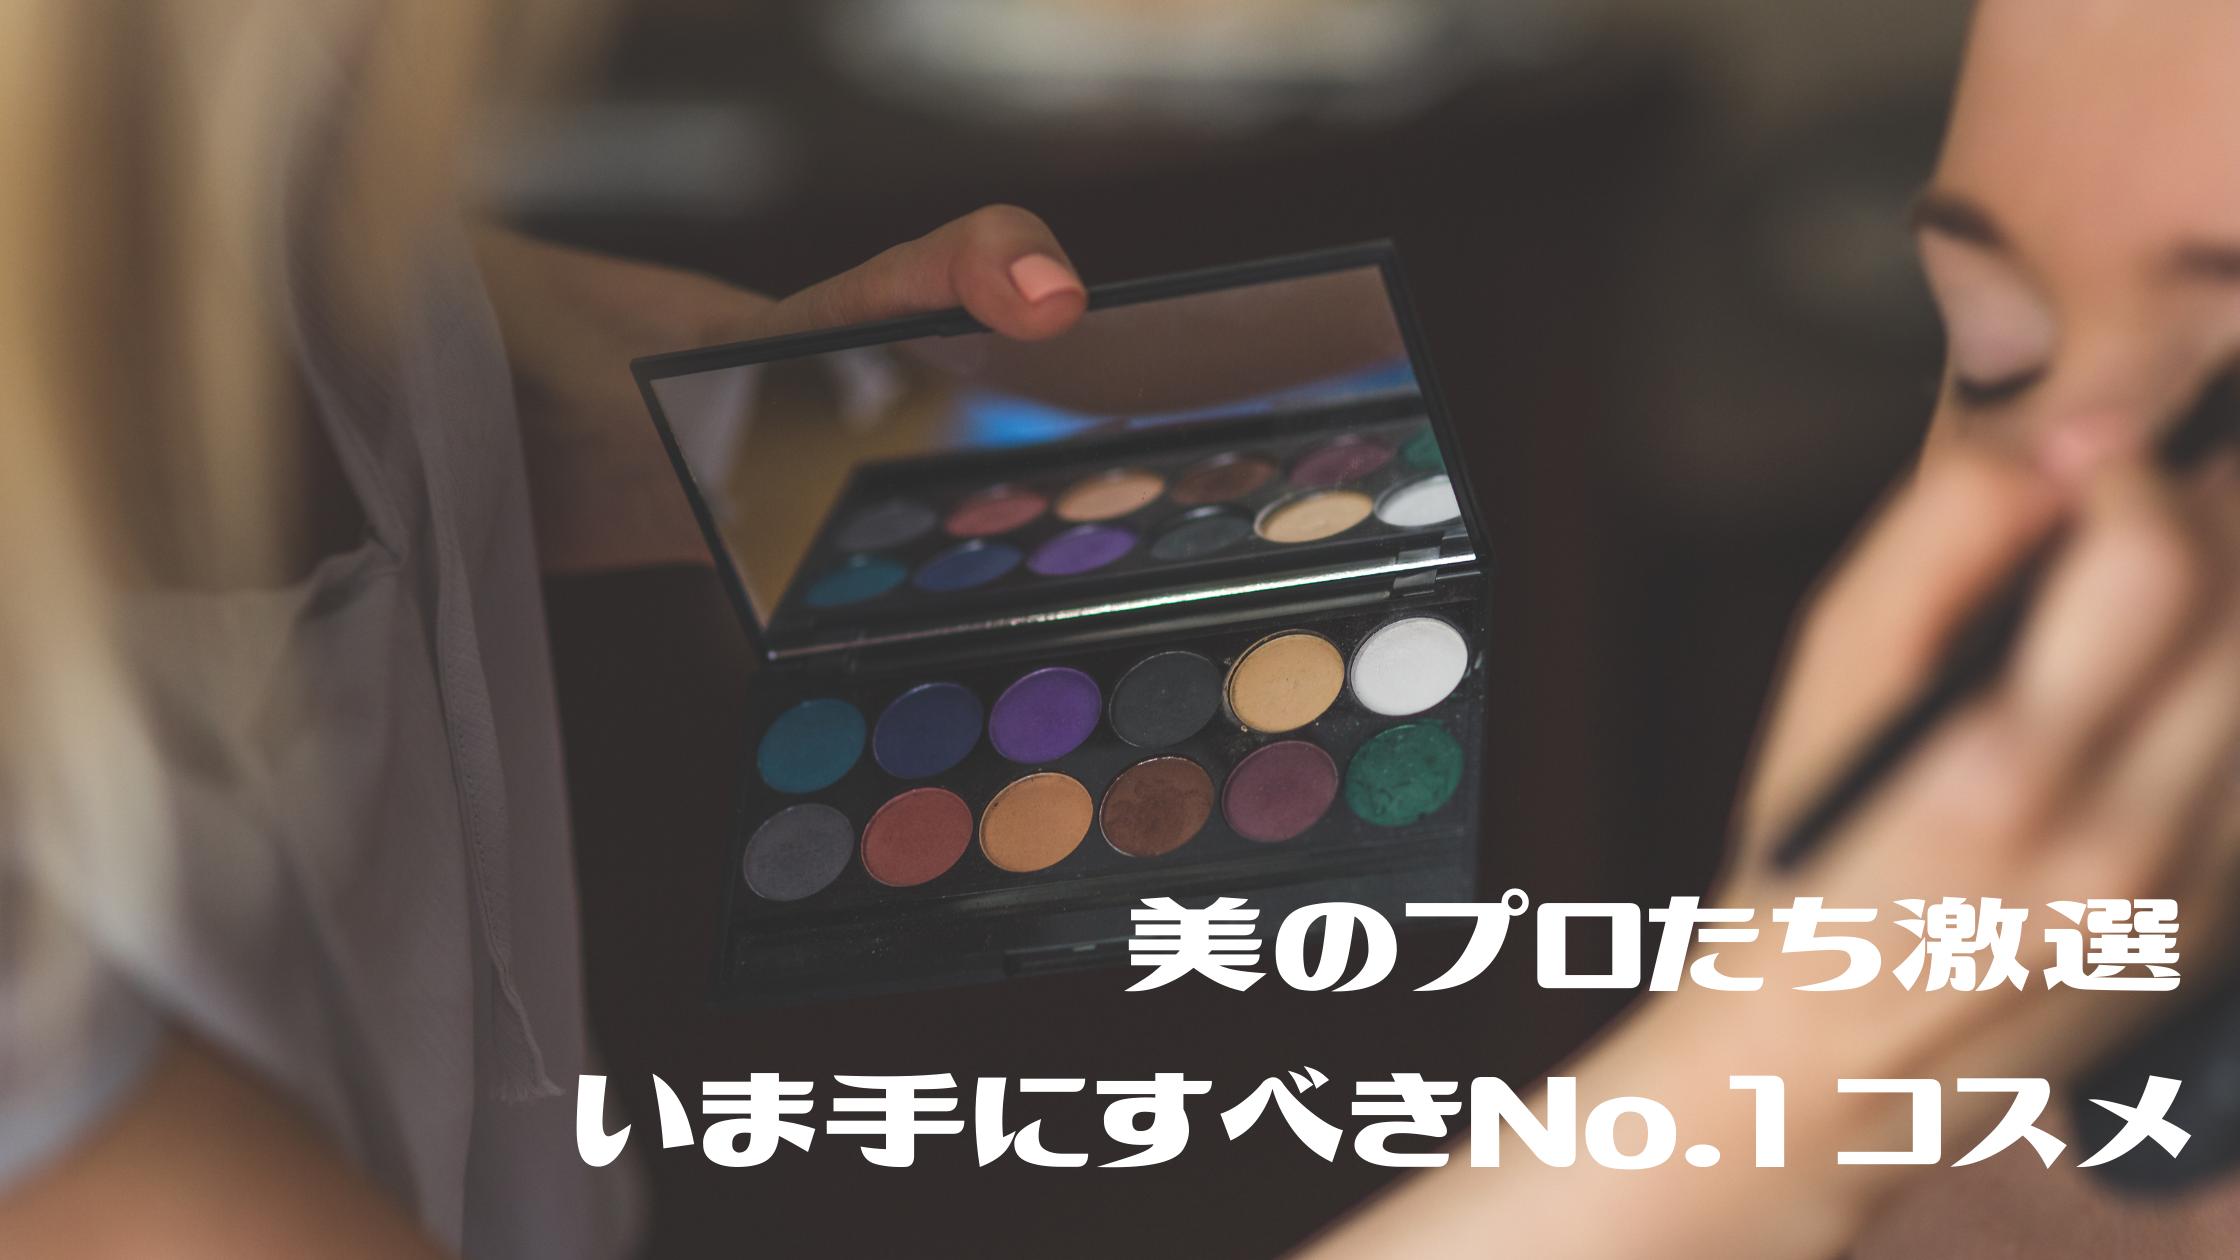 2020年 下半期 【VOCEベストコスメ メイク部門】美容のスペシャリスト達が選ぶ【No.1コスメ】